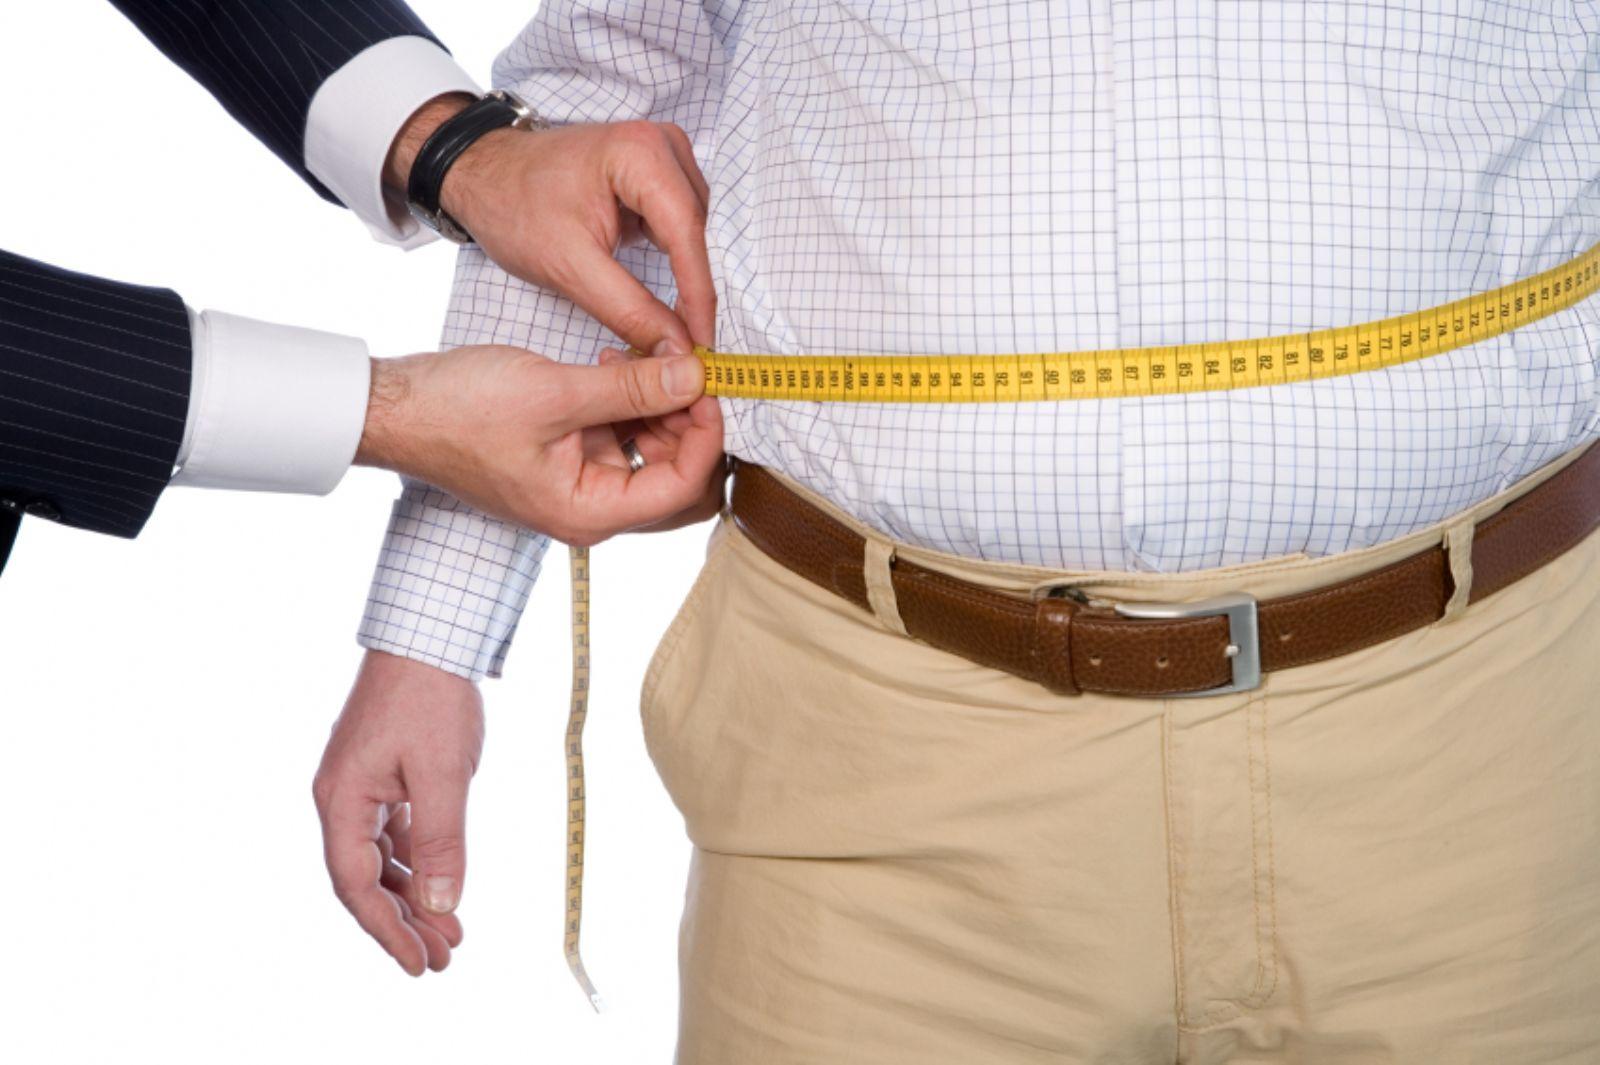 چاقی، بیماری خاموش/ مراحل مهم و کلید درمان چاقی/ ۱۳ میلیون ایرانی چاق هستند